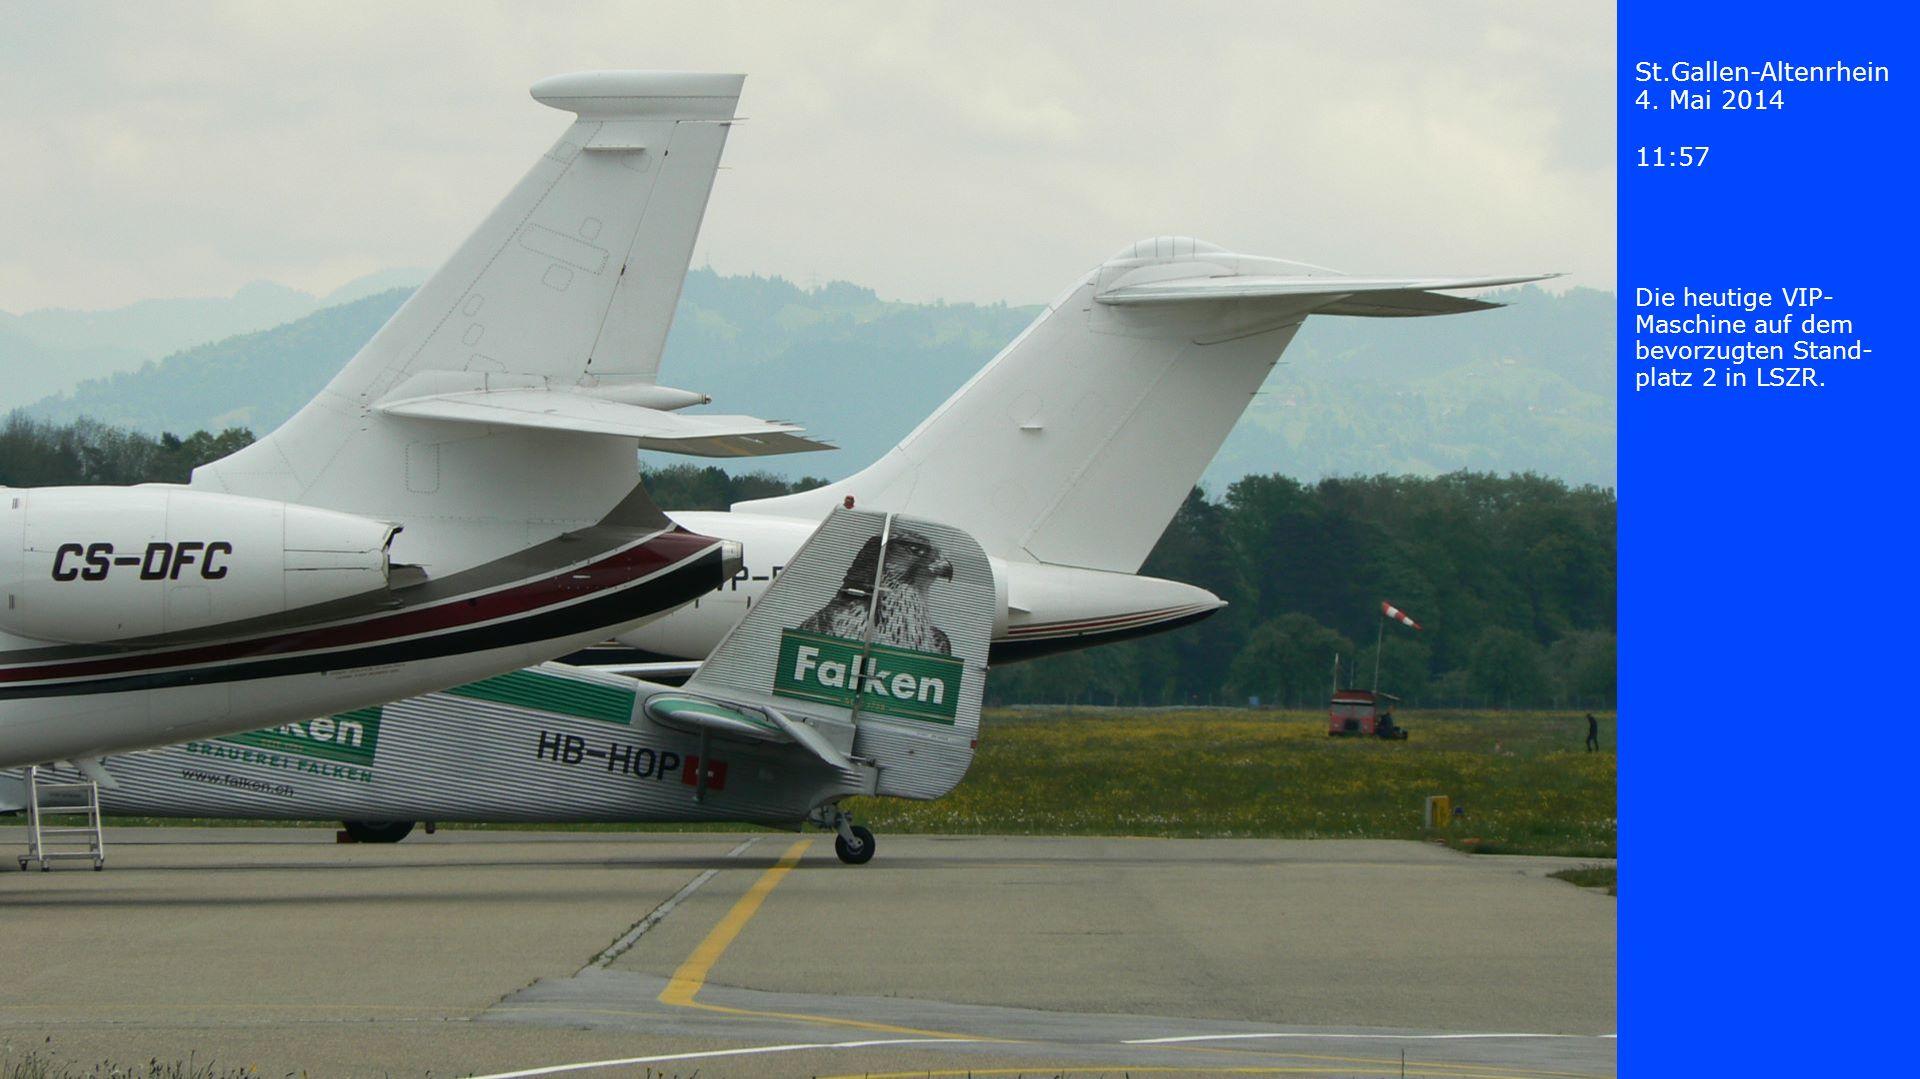 St.Gallen-Altenrhein 4. Mai 2014 11:57 Die heutige VIP- Maschine auf dem bevorzugten Stand- platz 2 in LSZR.